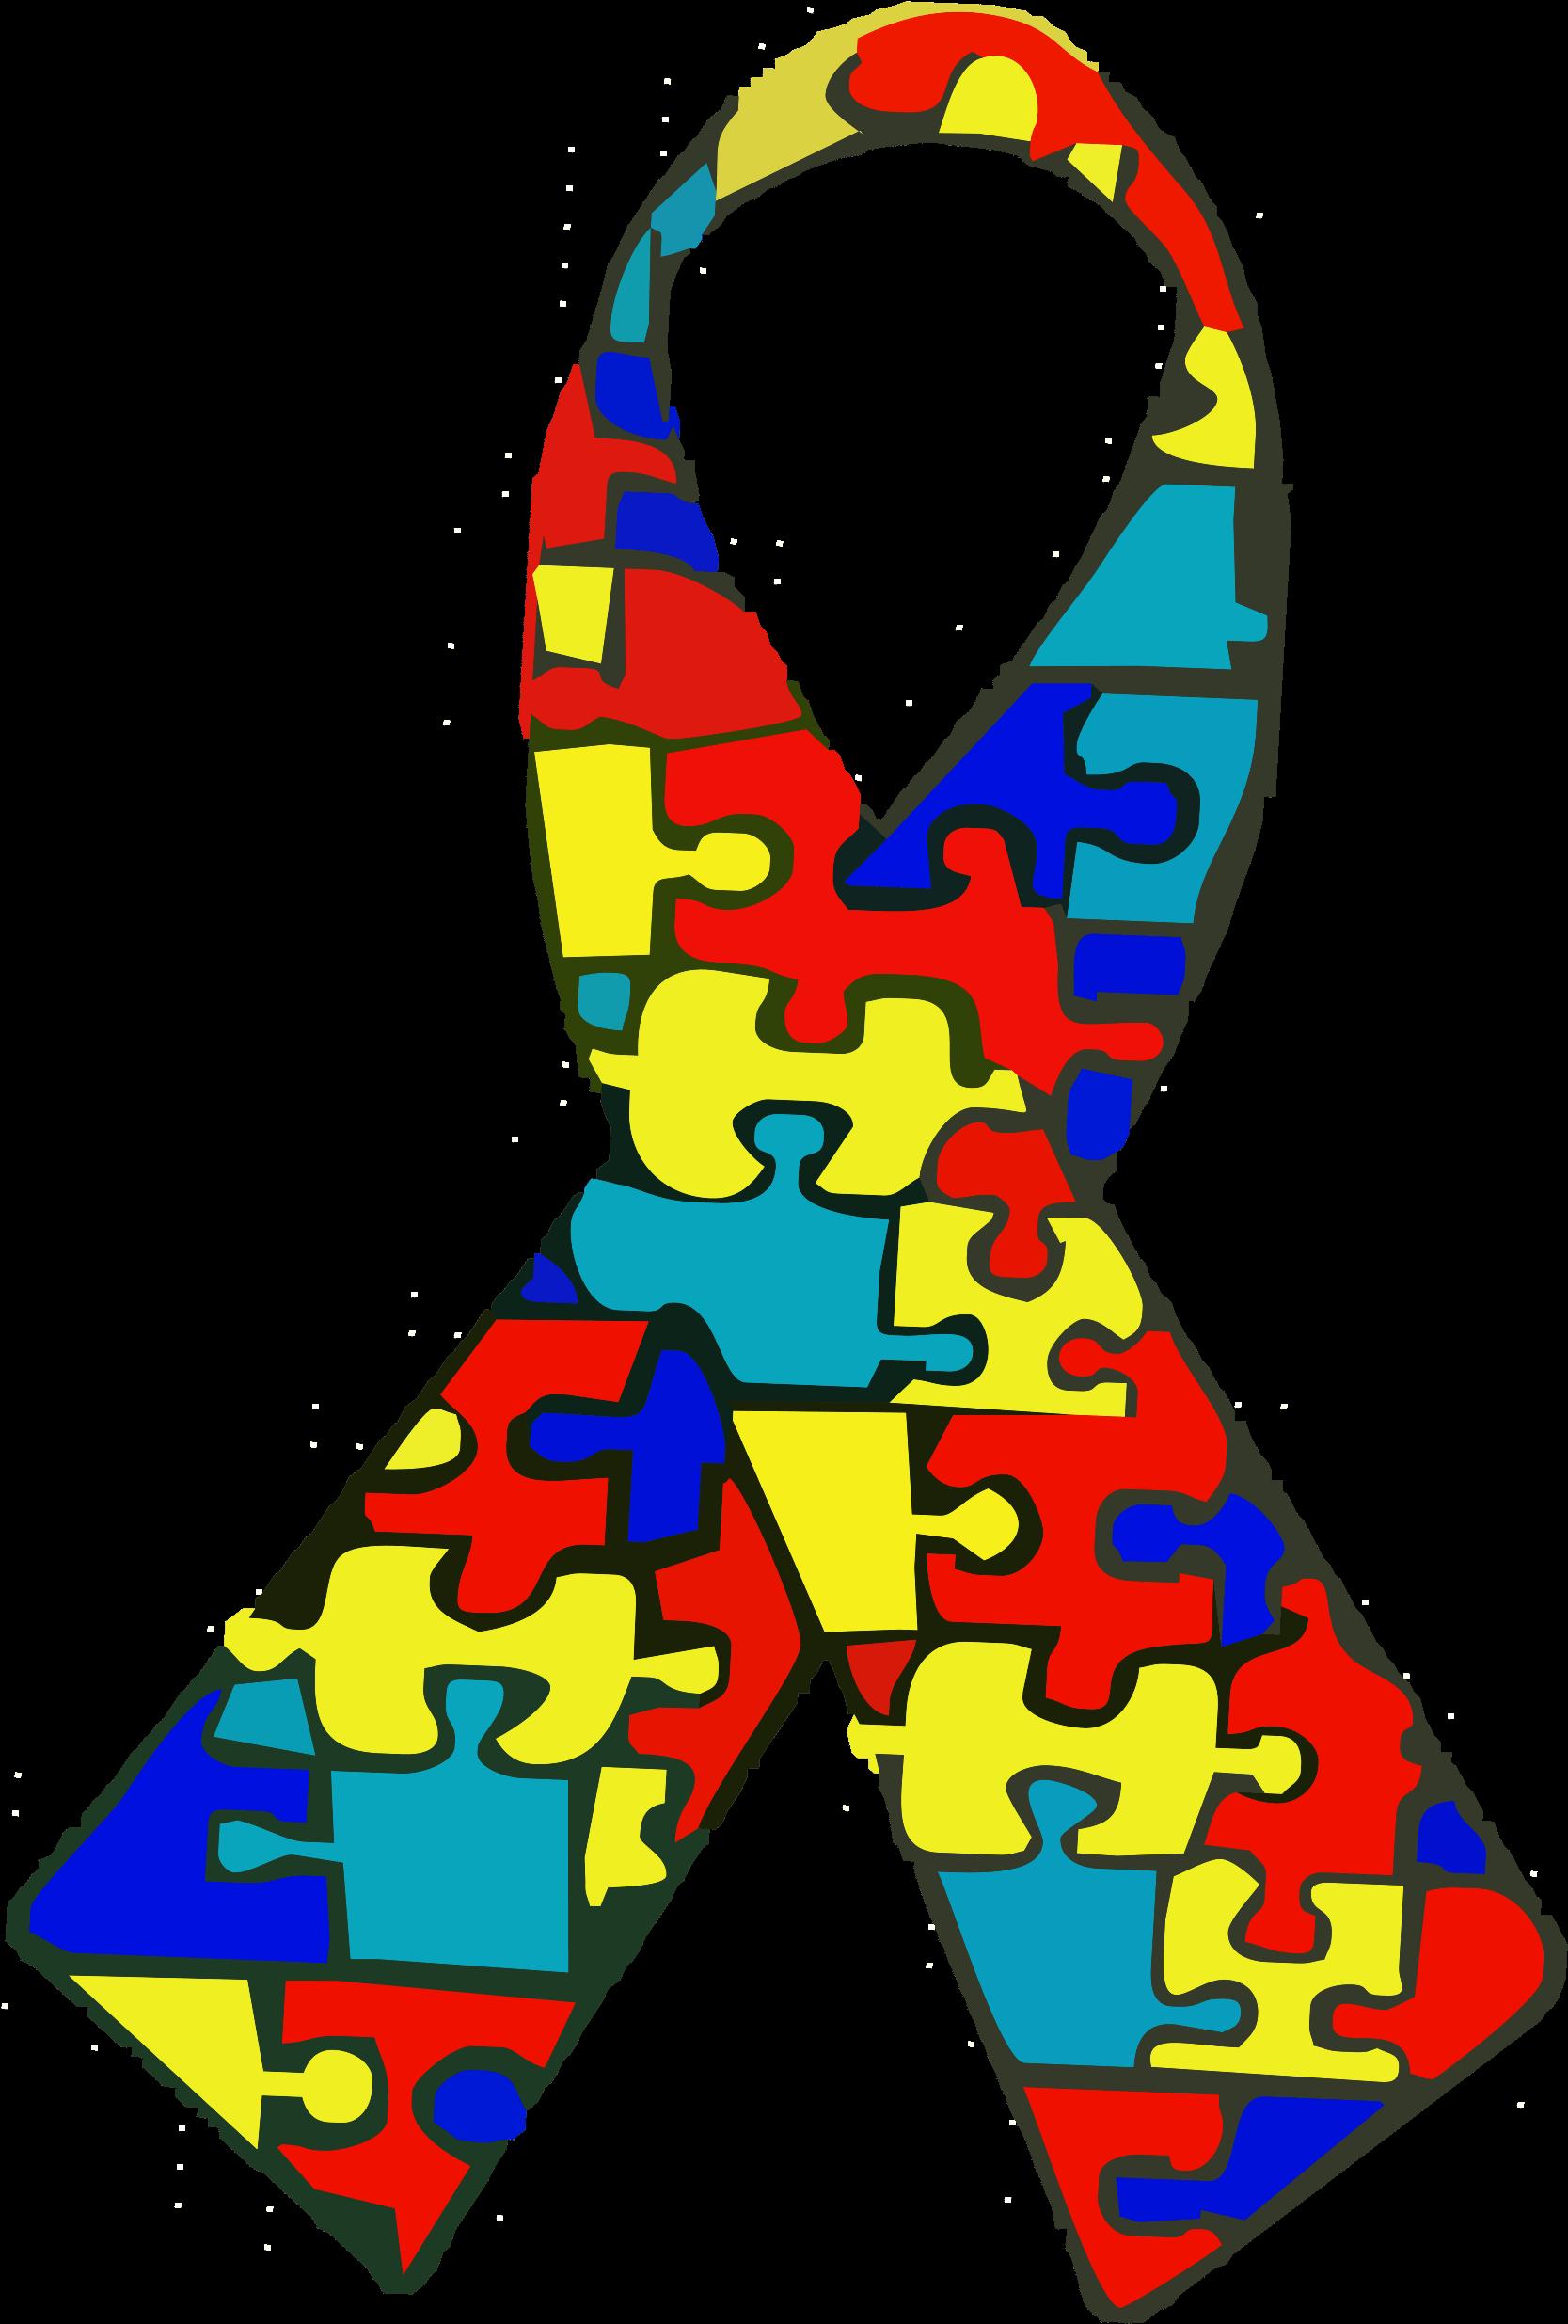 Autism Spectrum Disorder Logo Clipart.